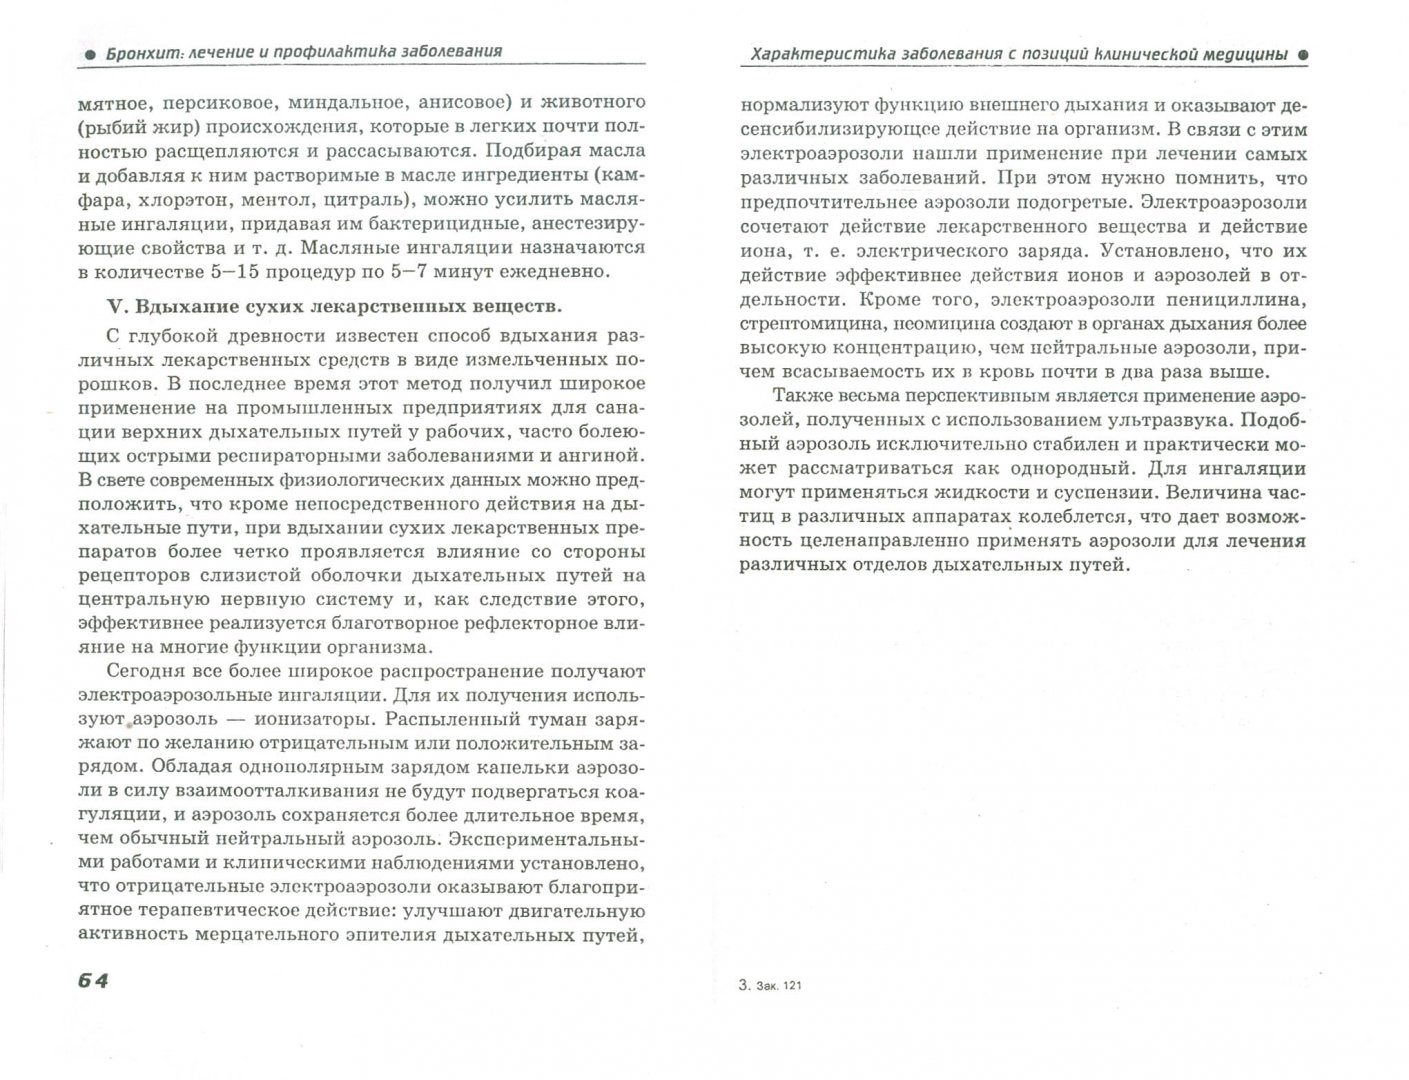 Иллюстрация 1 из 2 для Бронхит: лечение и профилактика заболевания методами западной, восточной и альтернативной медицины - Игорь Безроднов   Лабиринт - книги. Источник: Лабиринт